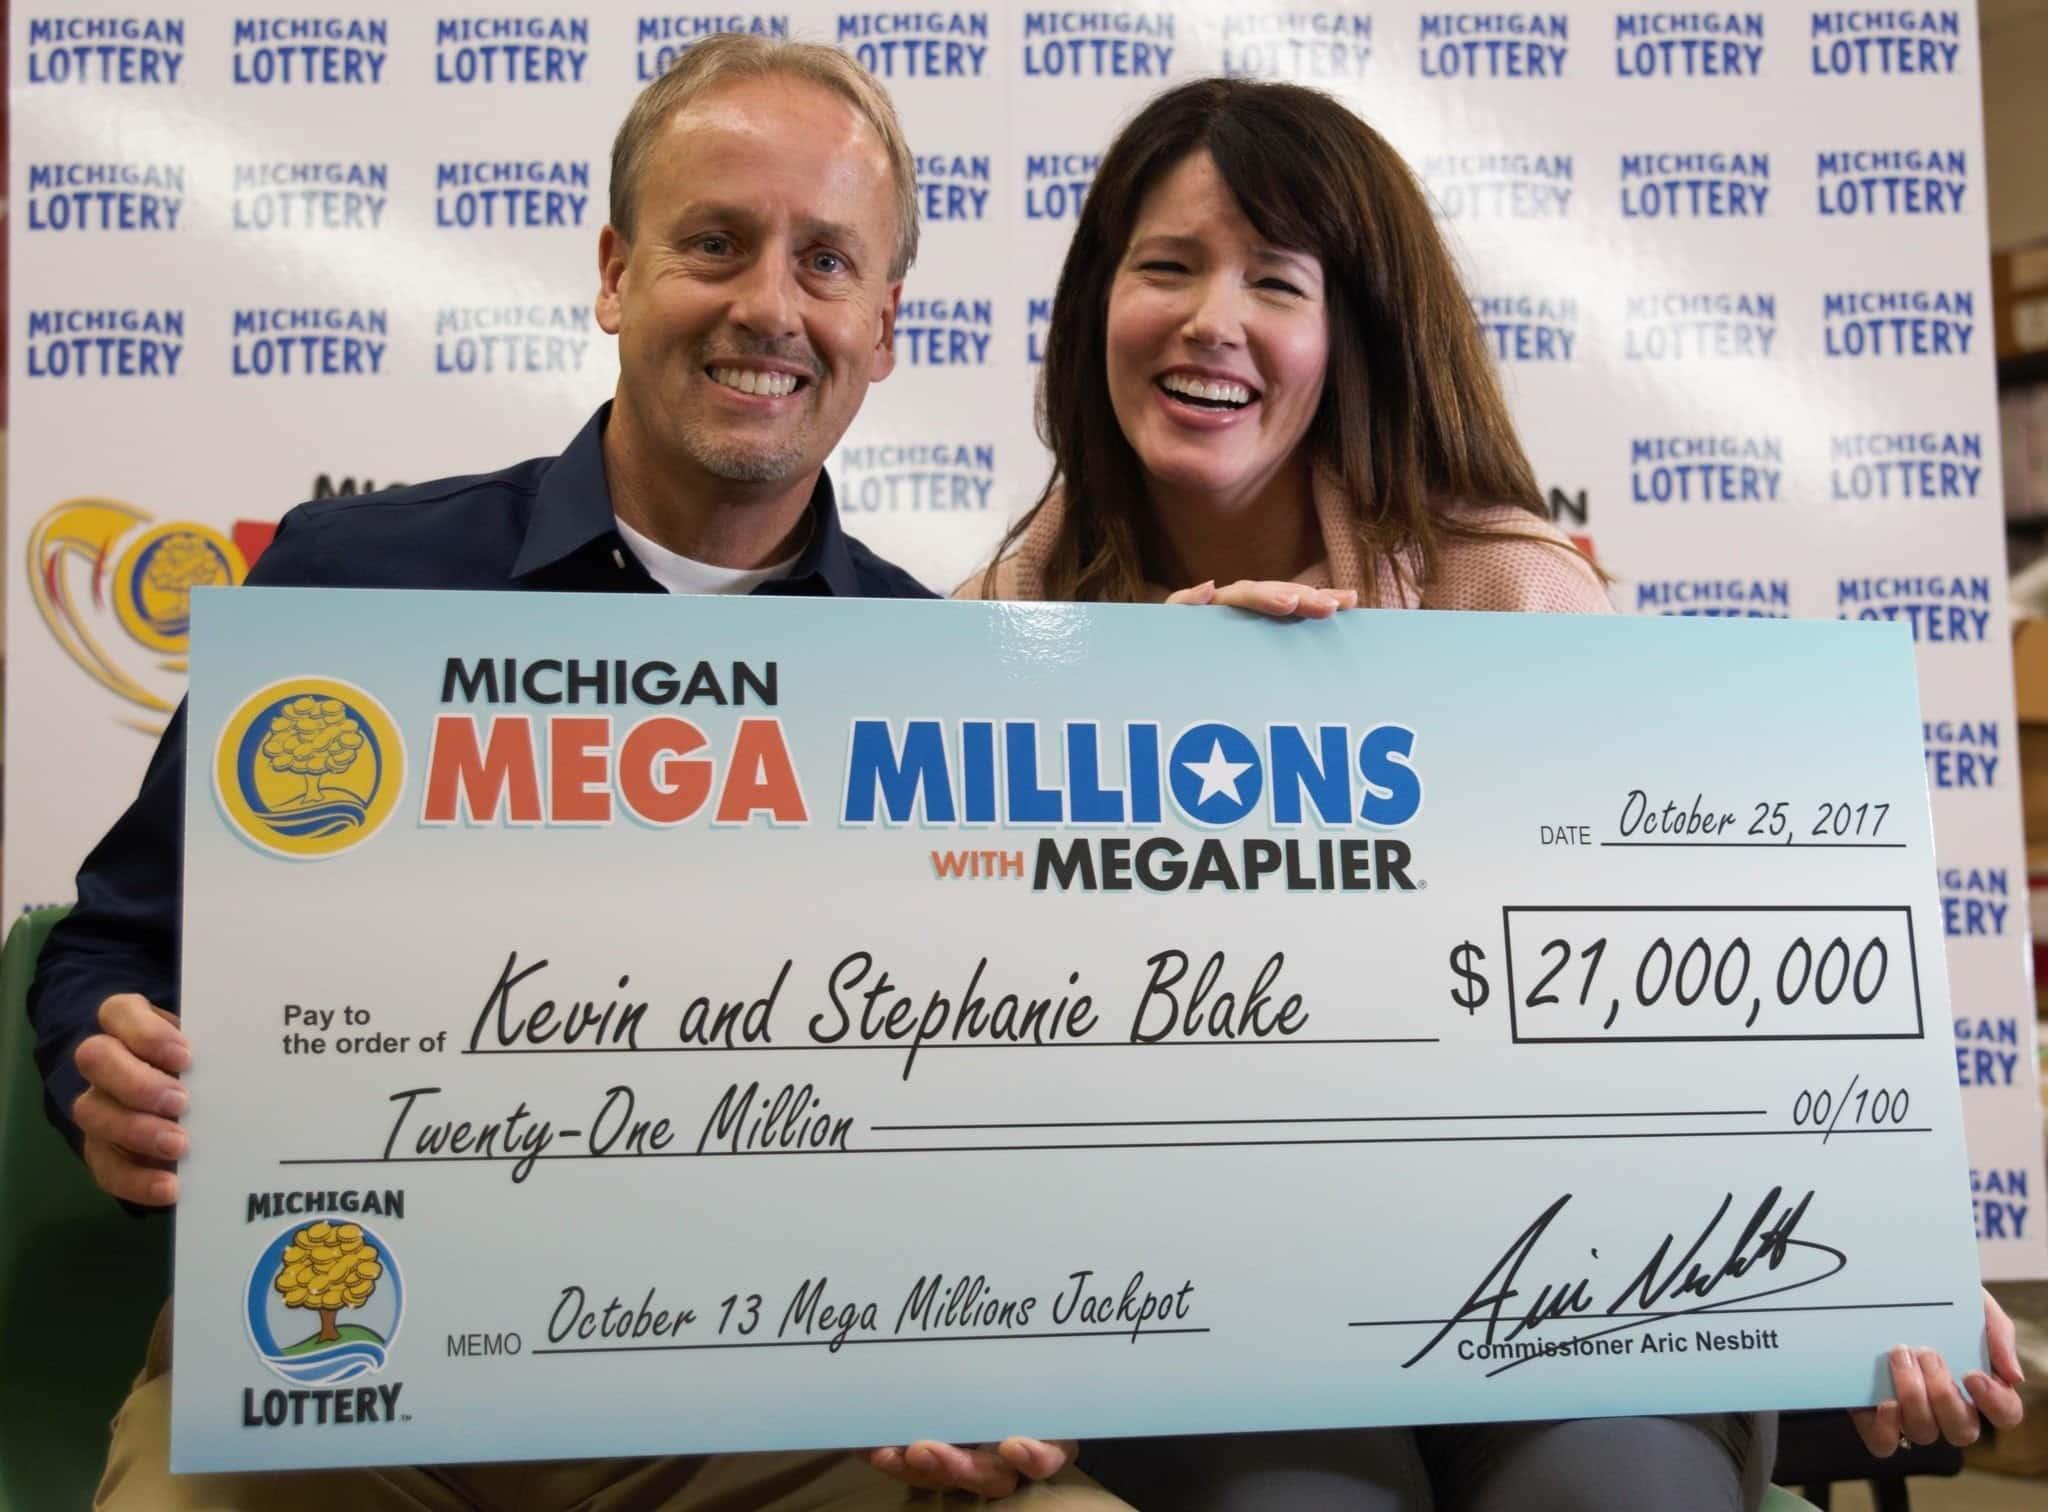 Победители лотереи МегаМиллионы